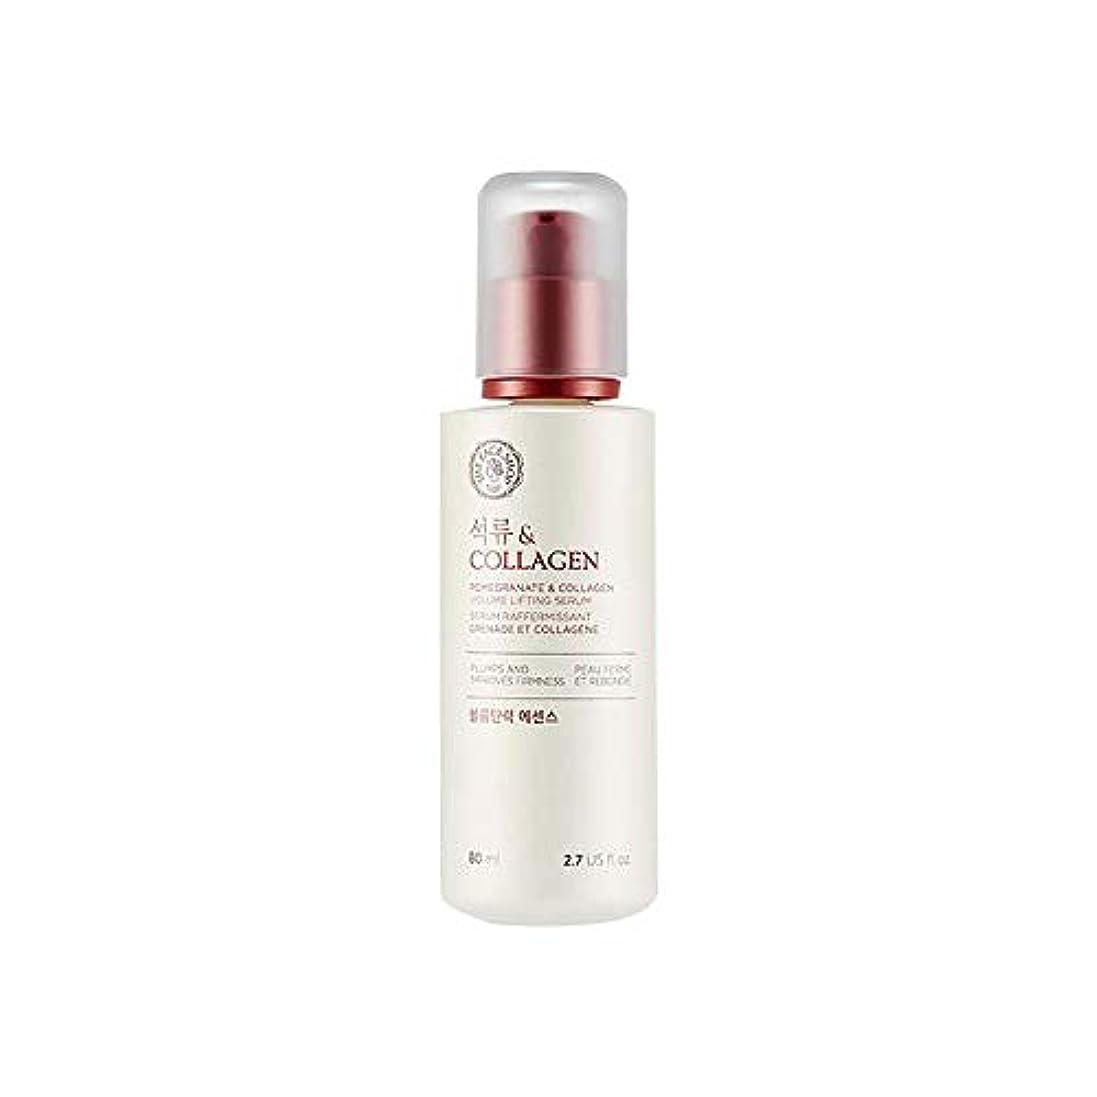 アルプス処方する受付[ザ·フェイスショップ] The Face Shop ザクロアンドコラーゲン弾力エッセンス(80ml) The Face Shop Pomegranate and Collagen Volume Lifting Essence...